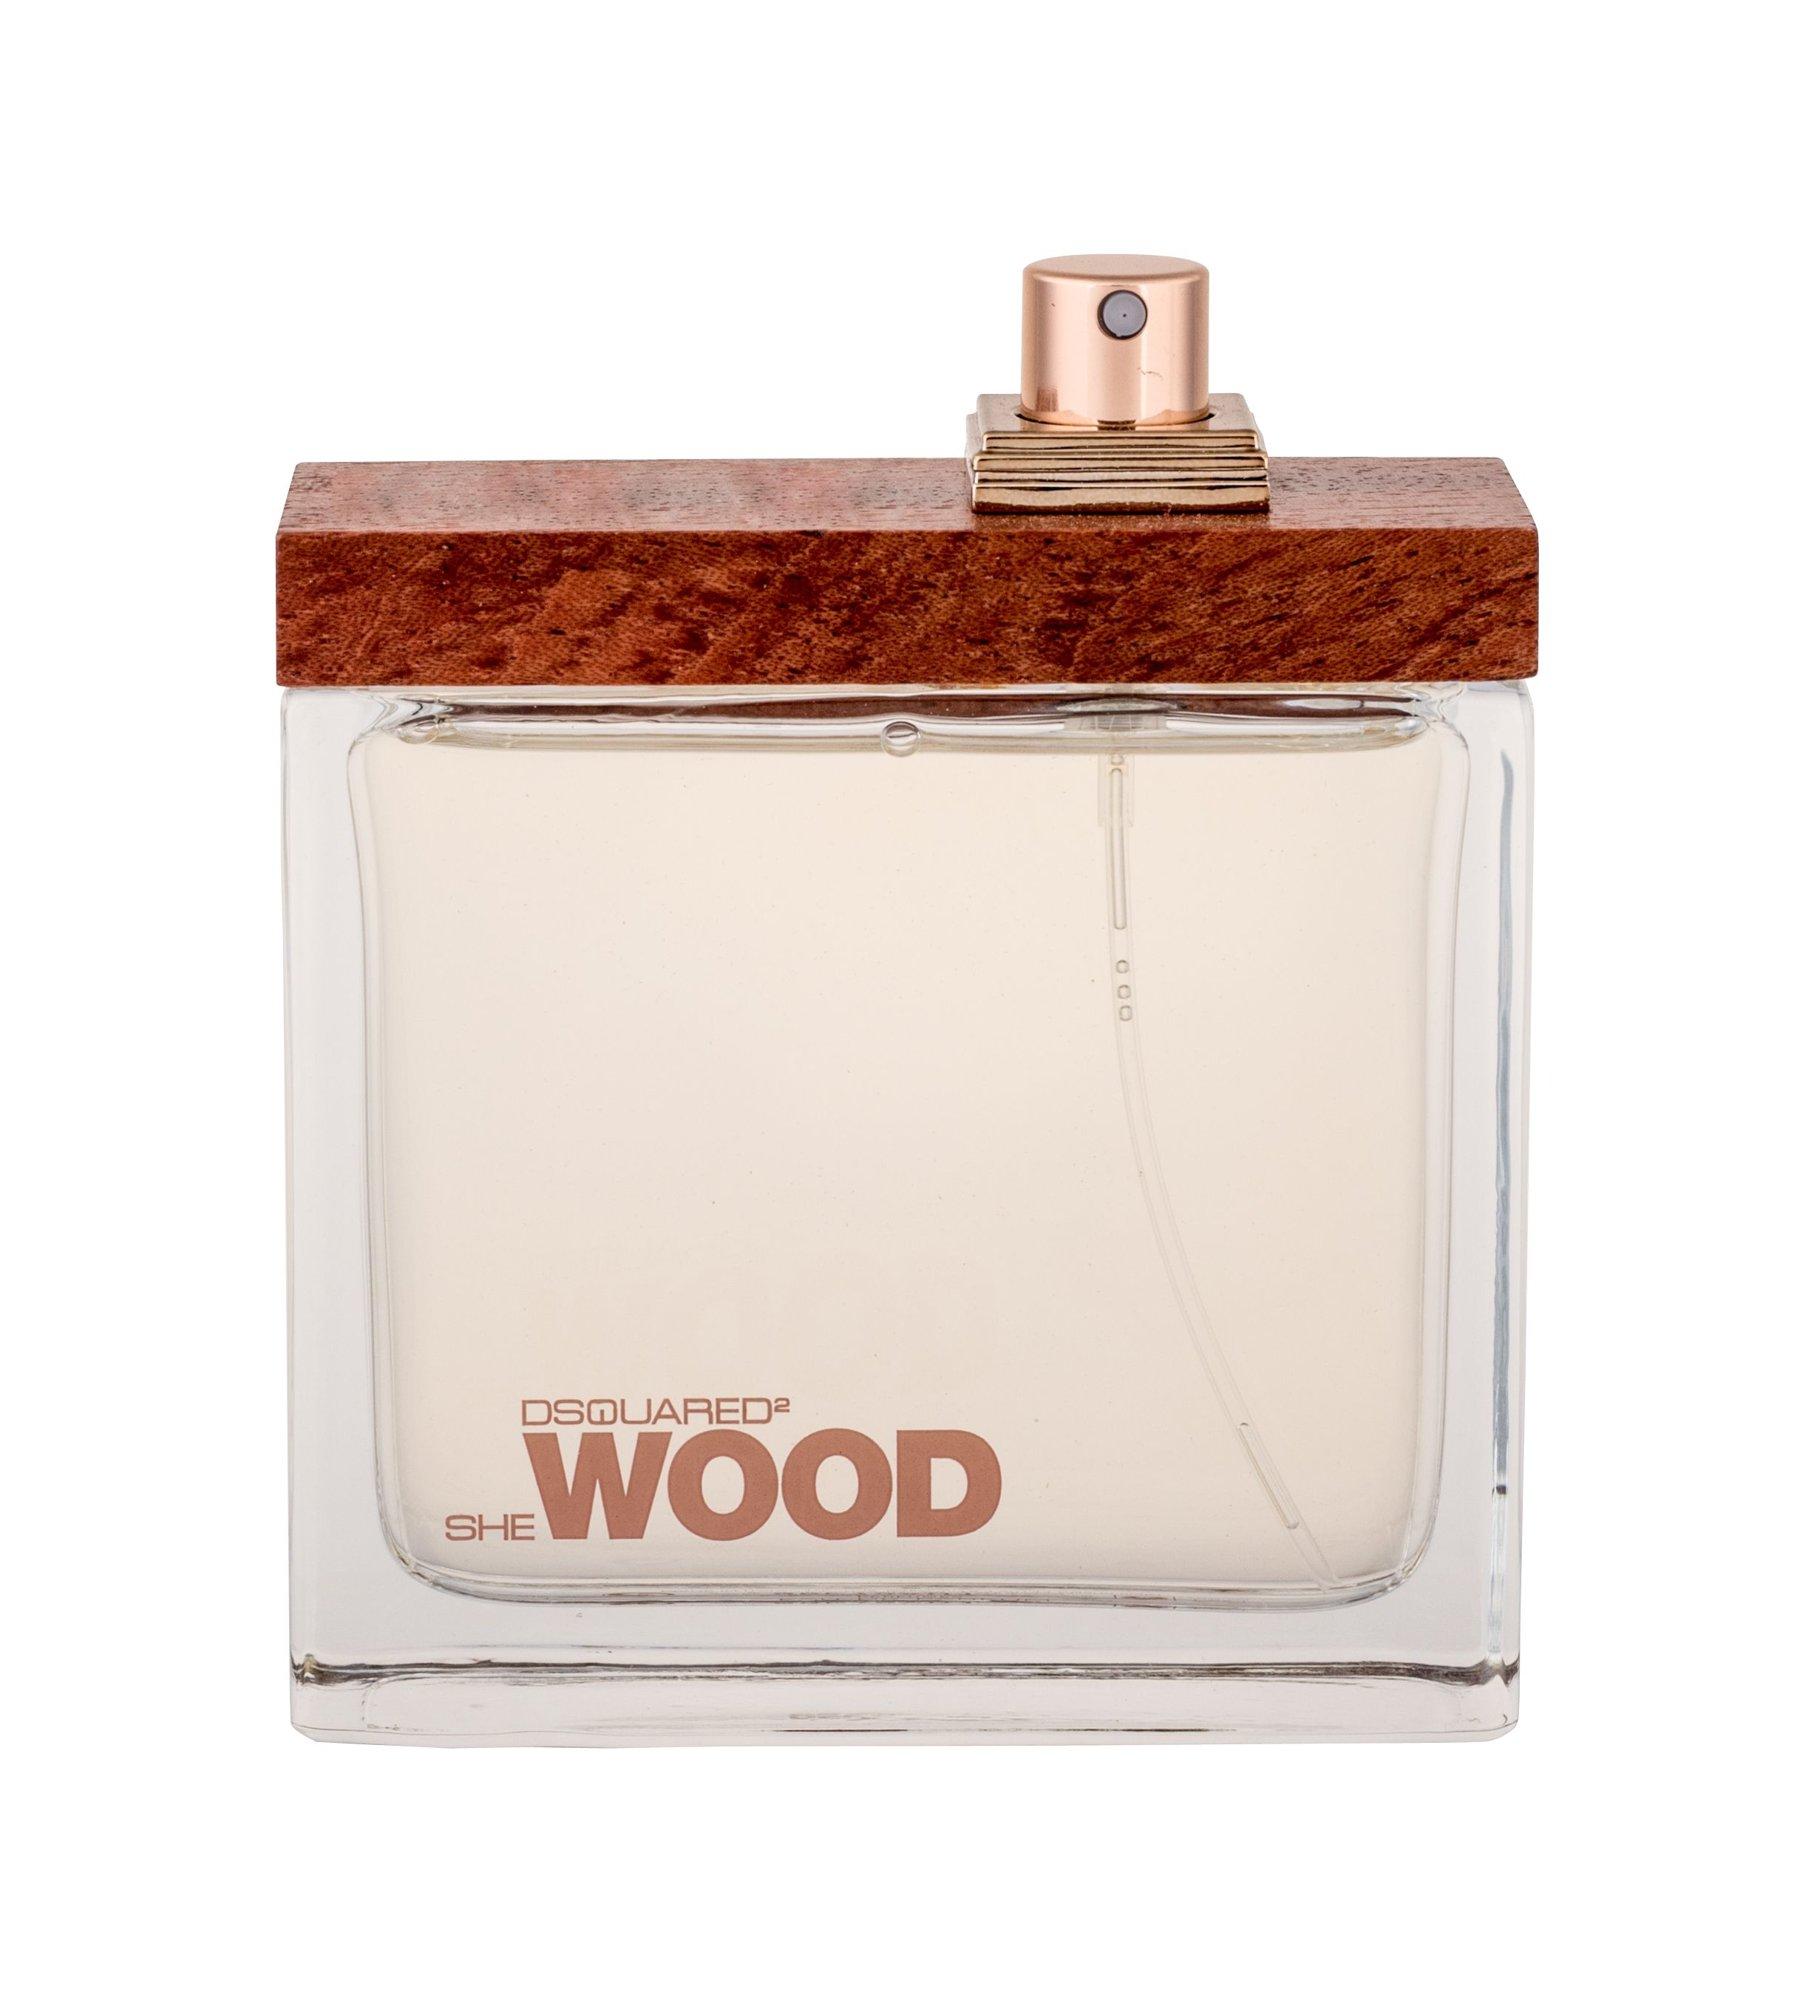 Dsquared2 She Velvet Forest Wood EDP 100ml